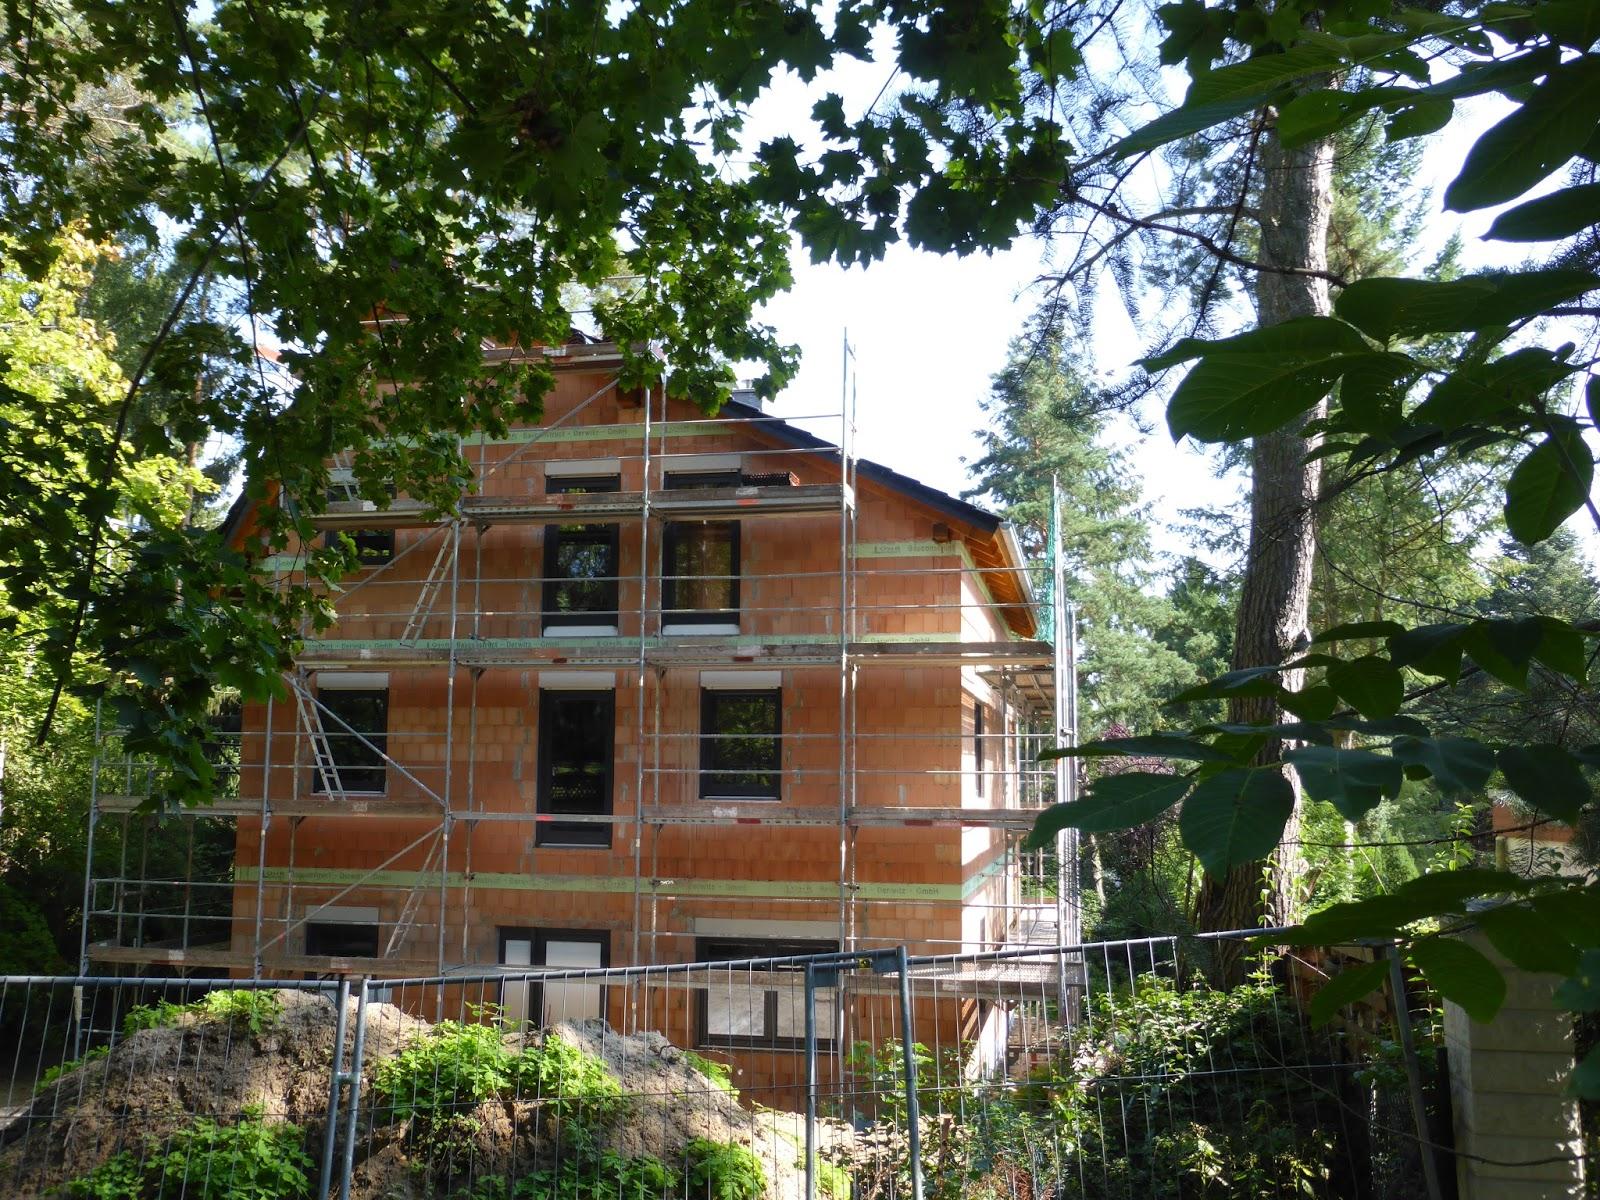 fenster und t ren eingebaut dach gedeckt hausbau in berlin kladow. Black Bedroom Furniture Sets. Home Design Ideas